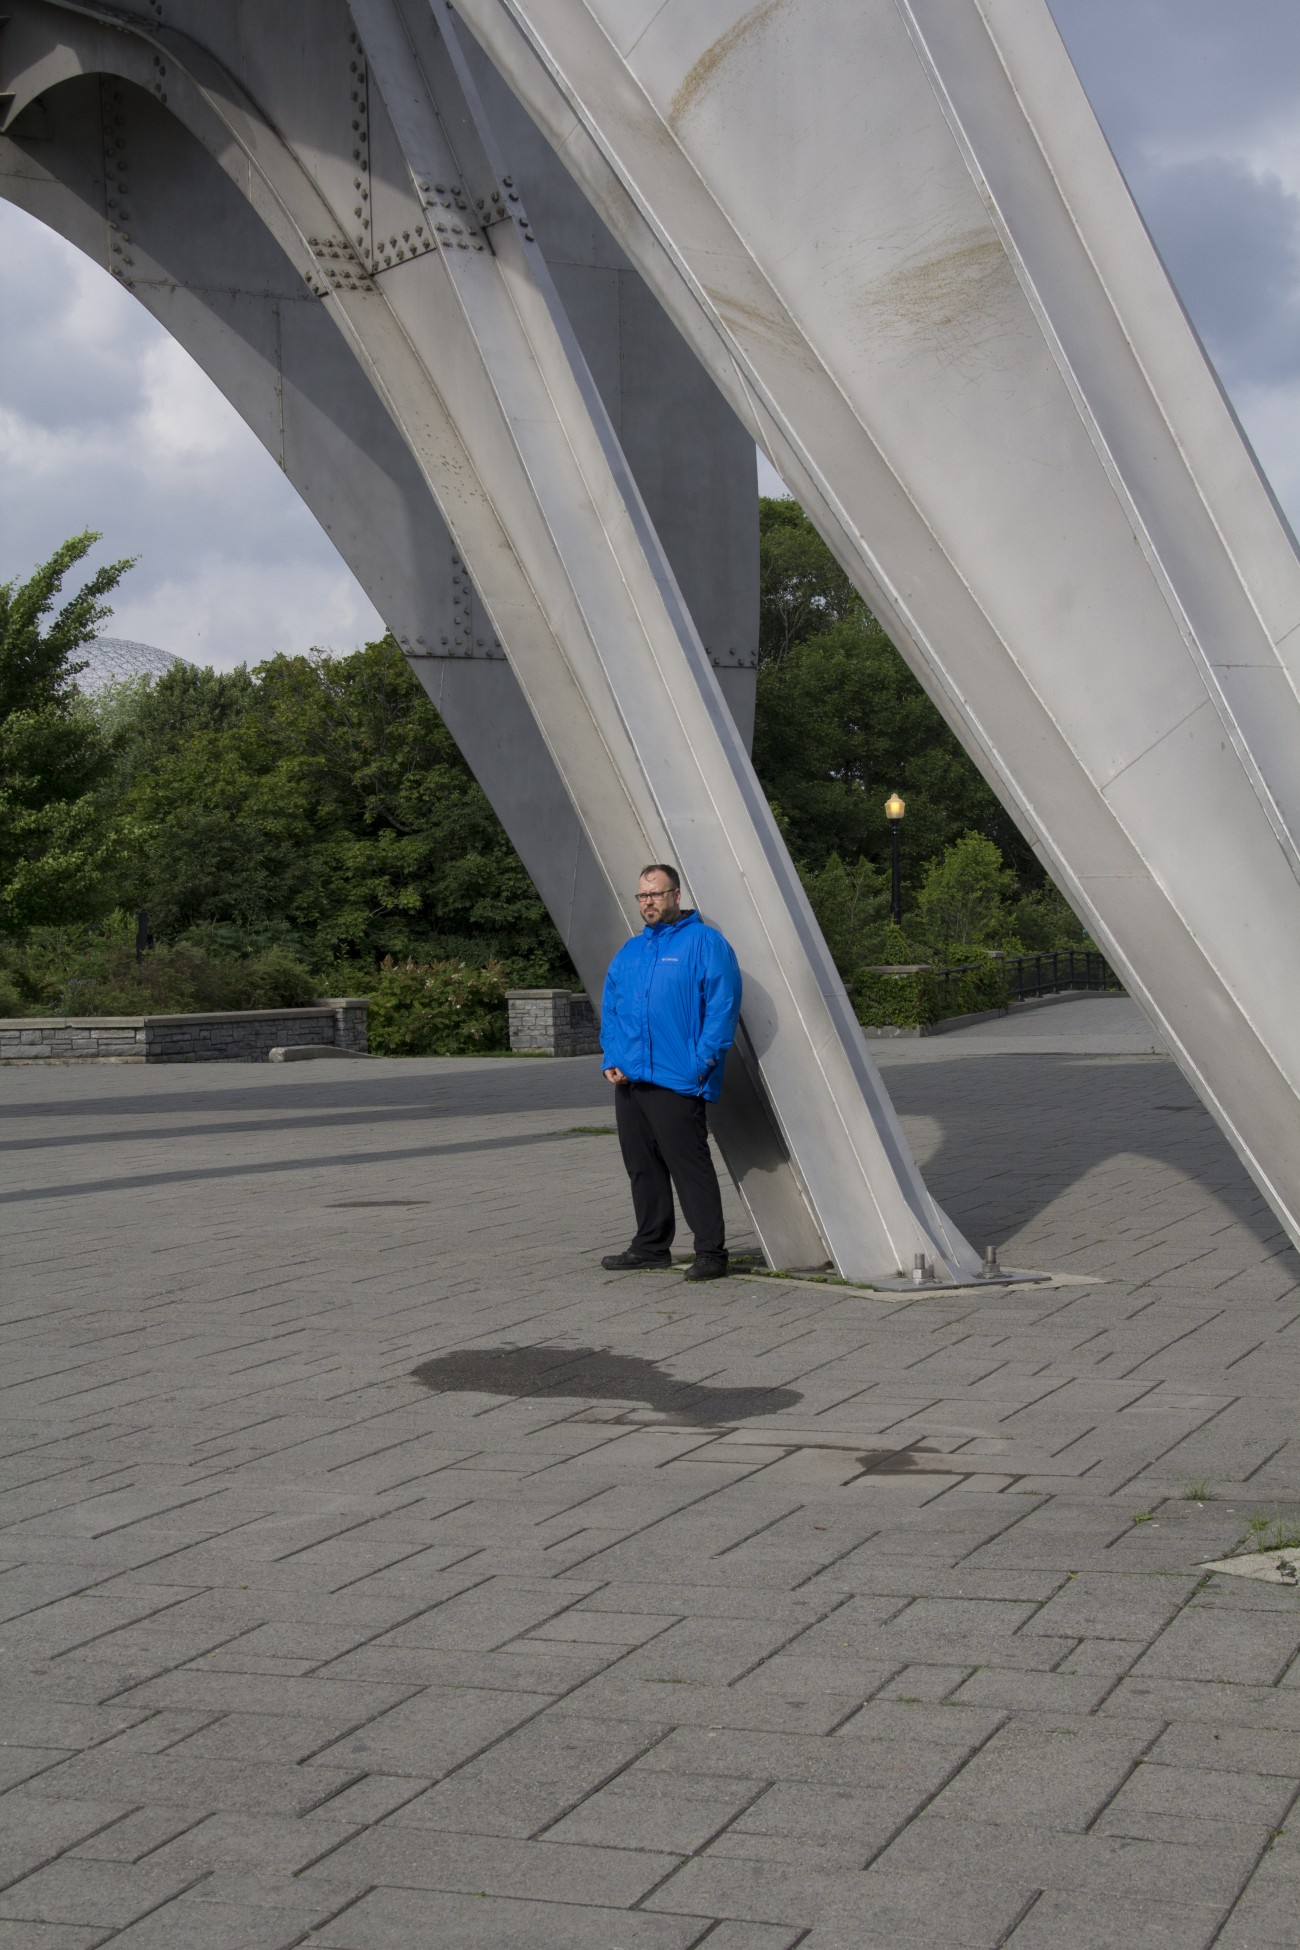 Steve Giasson. Performance invisible n° 11 (Se masturber discrètement contre une sculpture d'Alexander Calder.) Alexander Calder. Trois disques (L'Homme). 1967. Parc Jean-Drapeau, Île Sainte-Hélène, Montréal. Performeur : Steve Giasson. Crédit photographique : Daniel Roy. 1er juillet 2015.